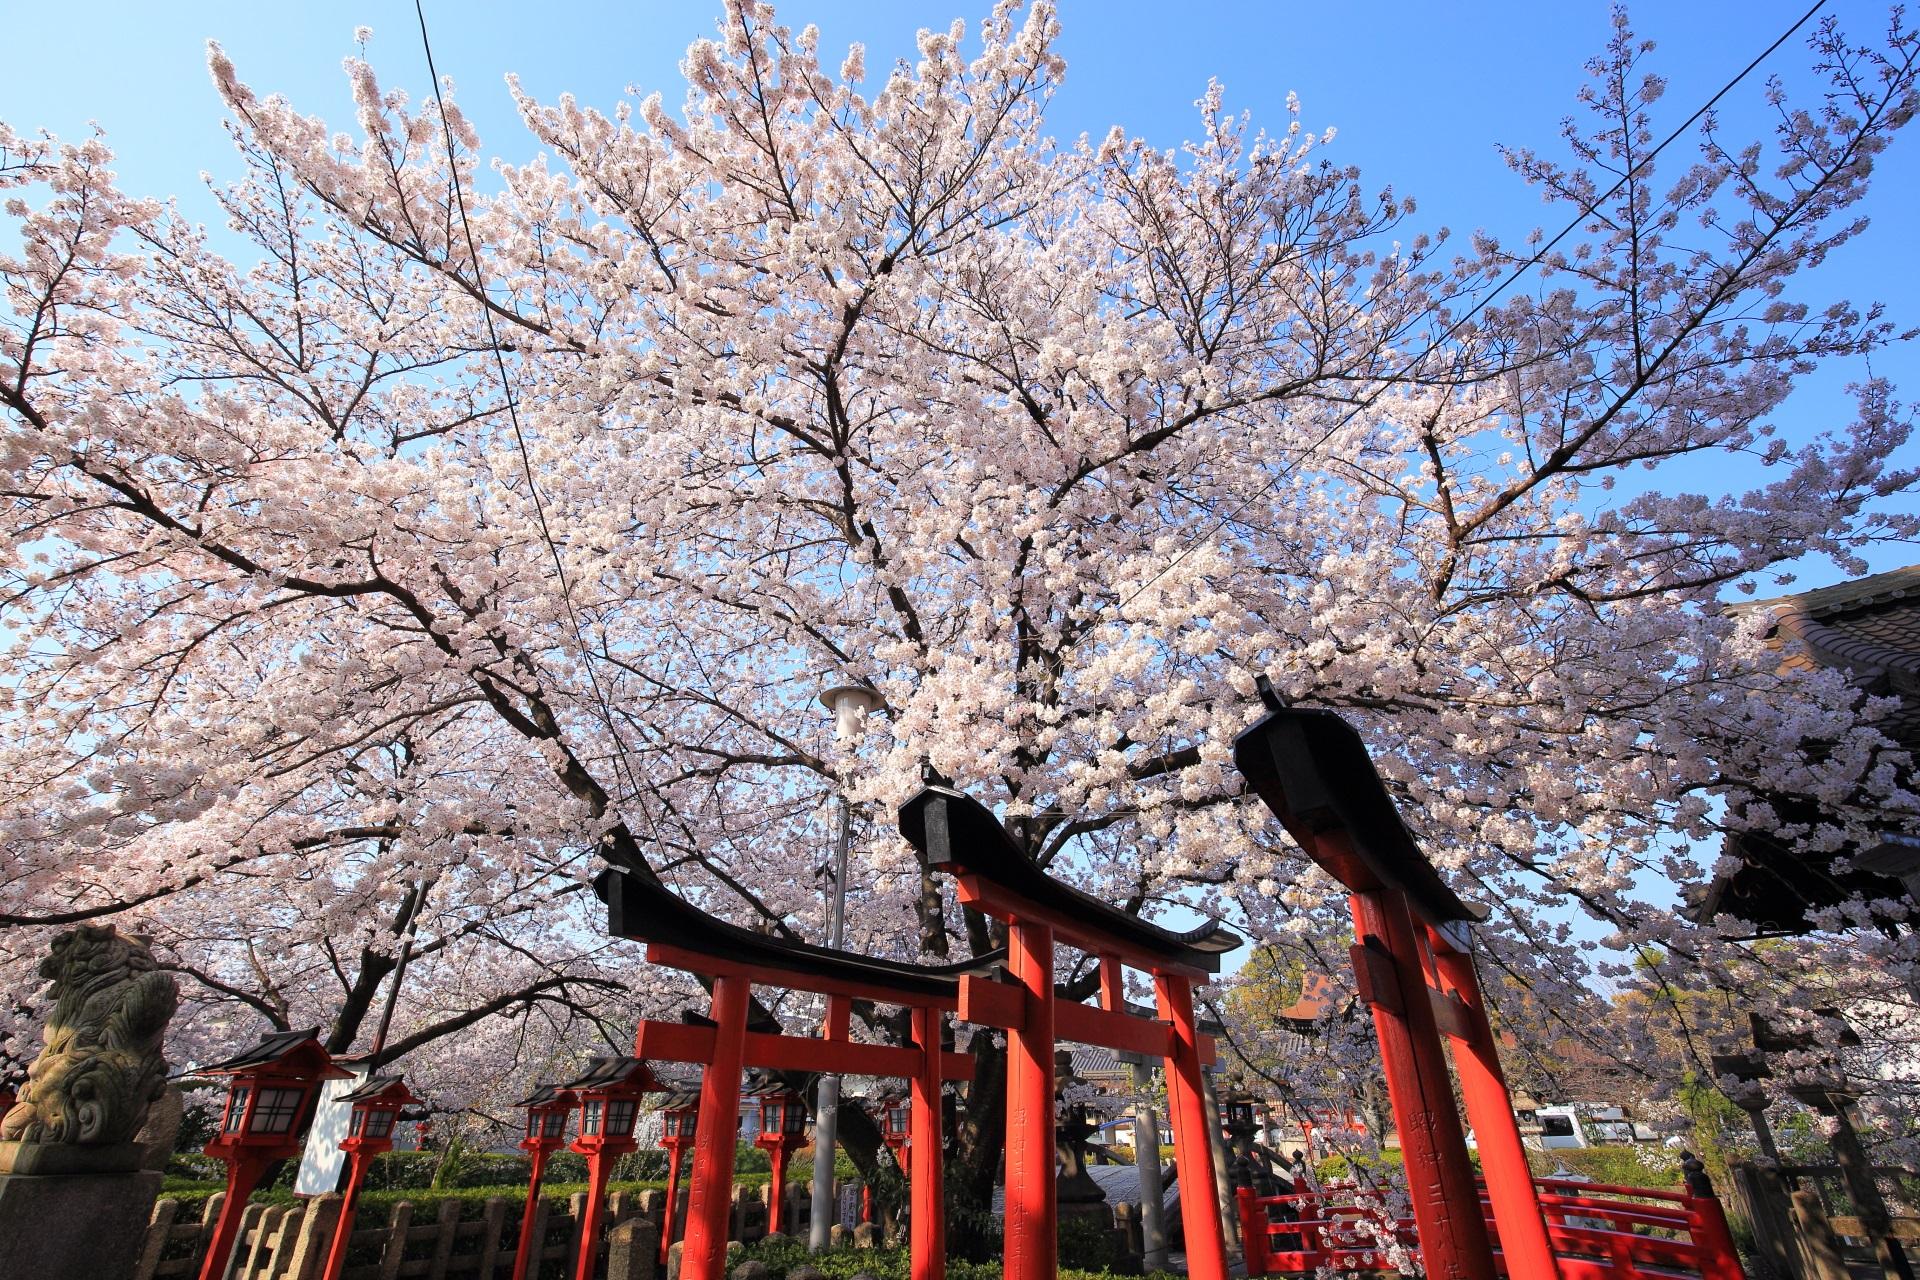 六孫王神社の赤い鳥居の上で華やぐ絶品の桜